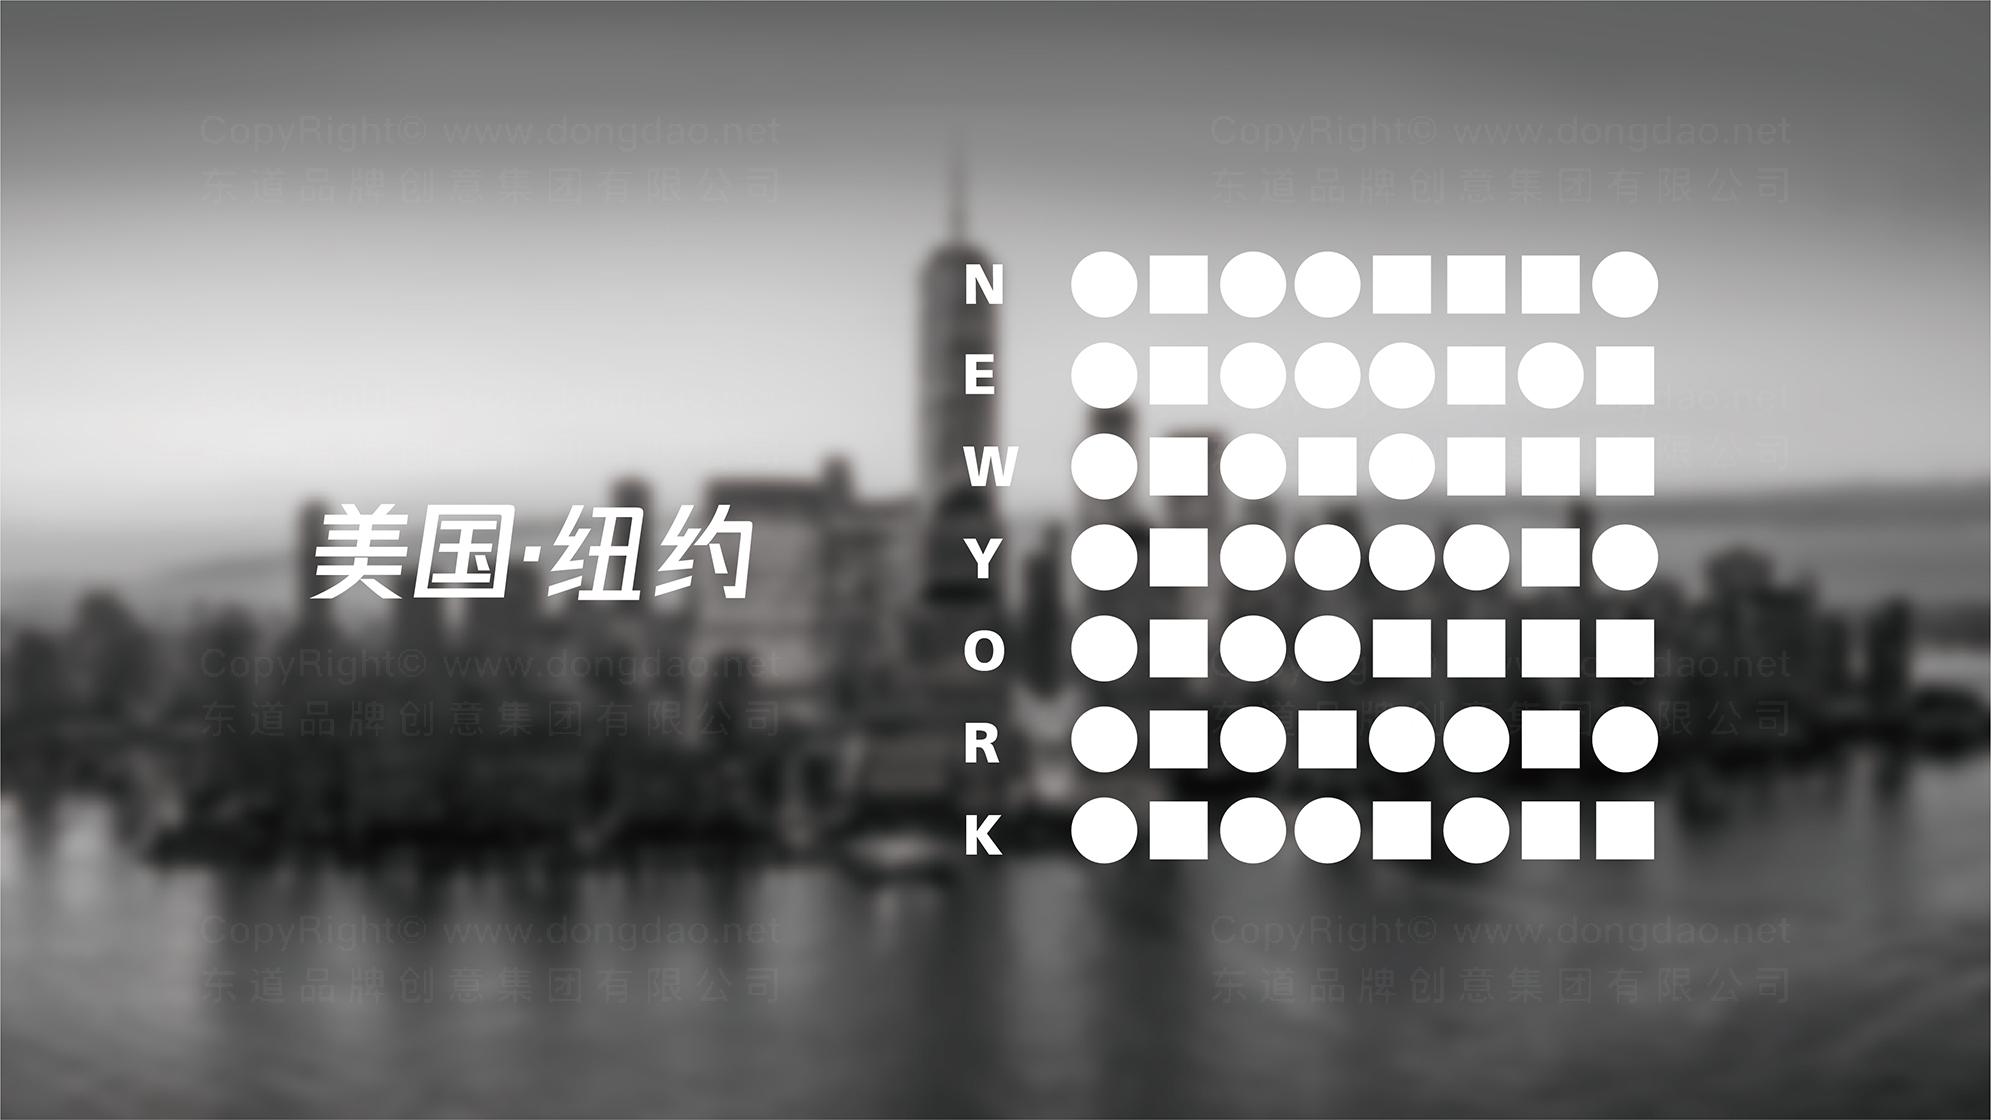 品牌设计数字文明大会标志设计应用场景_4